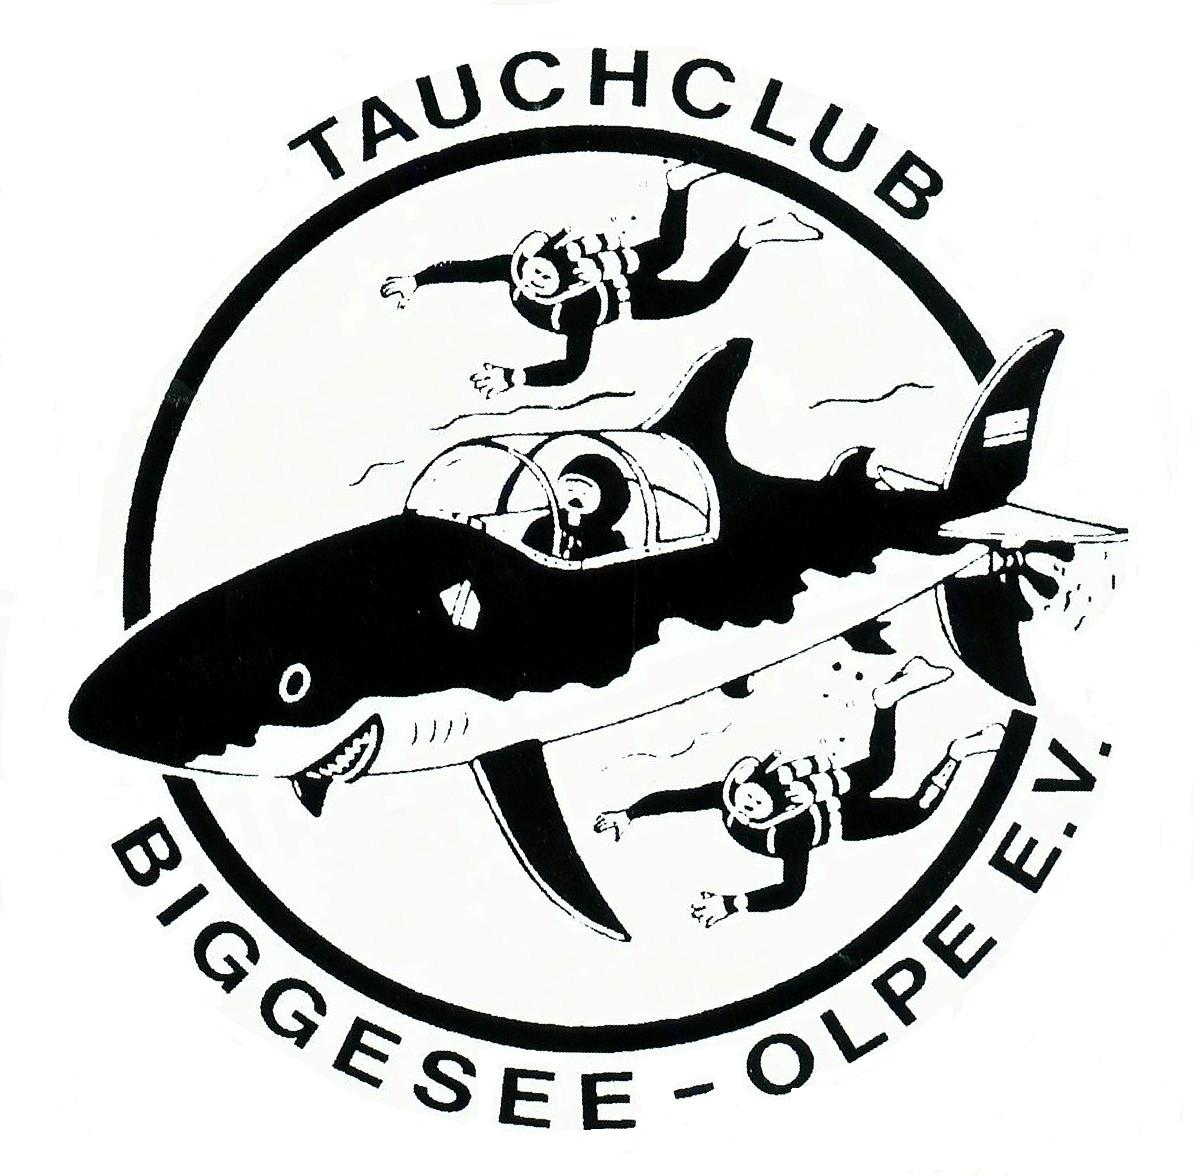 Tauchclub Biggesee Olpe e.V.